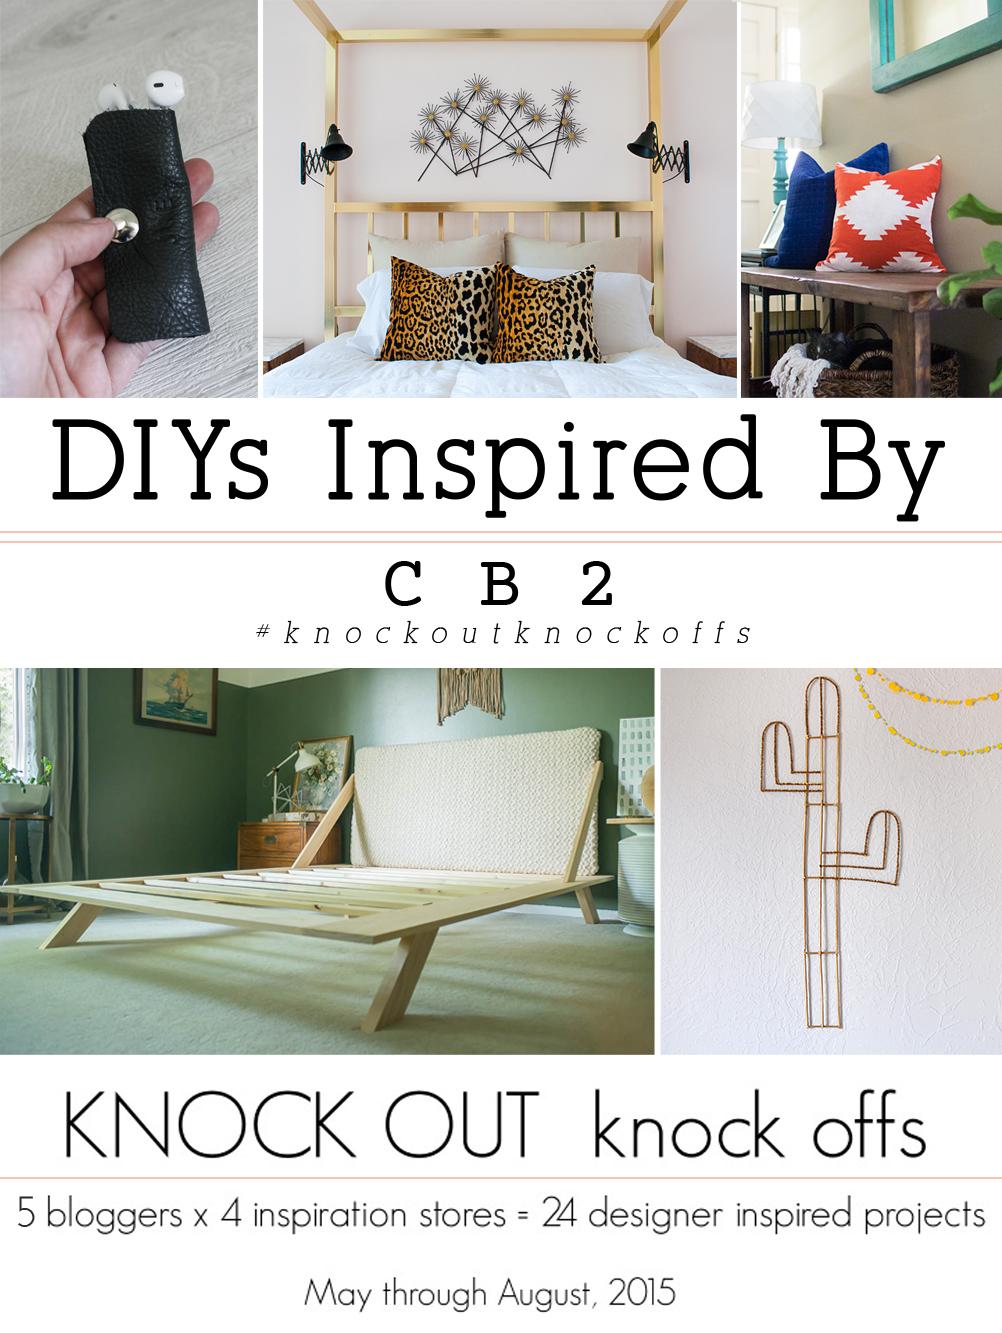 Inspired DIYs By CB2